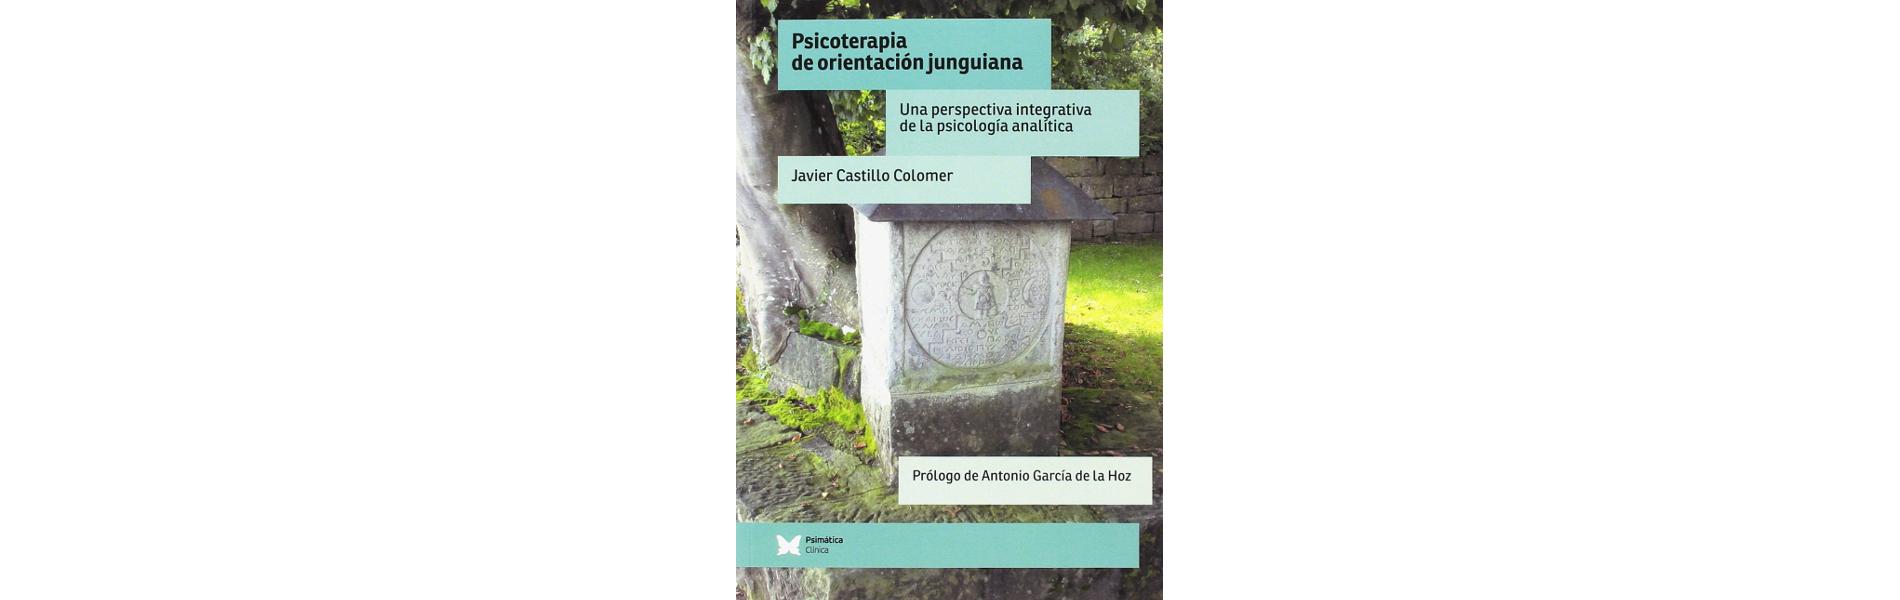 Psicoterapia de orientación junguiana: Una perspectiva integrativa de la psicología analítica